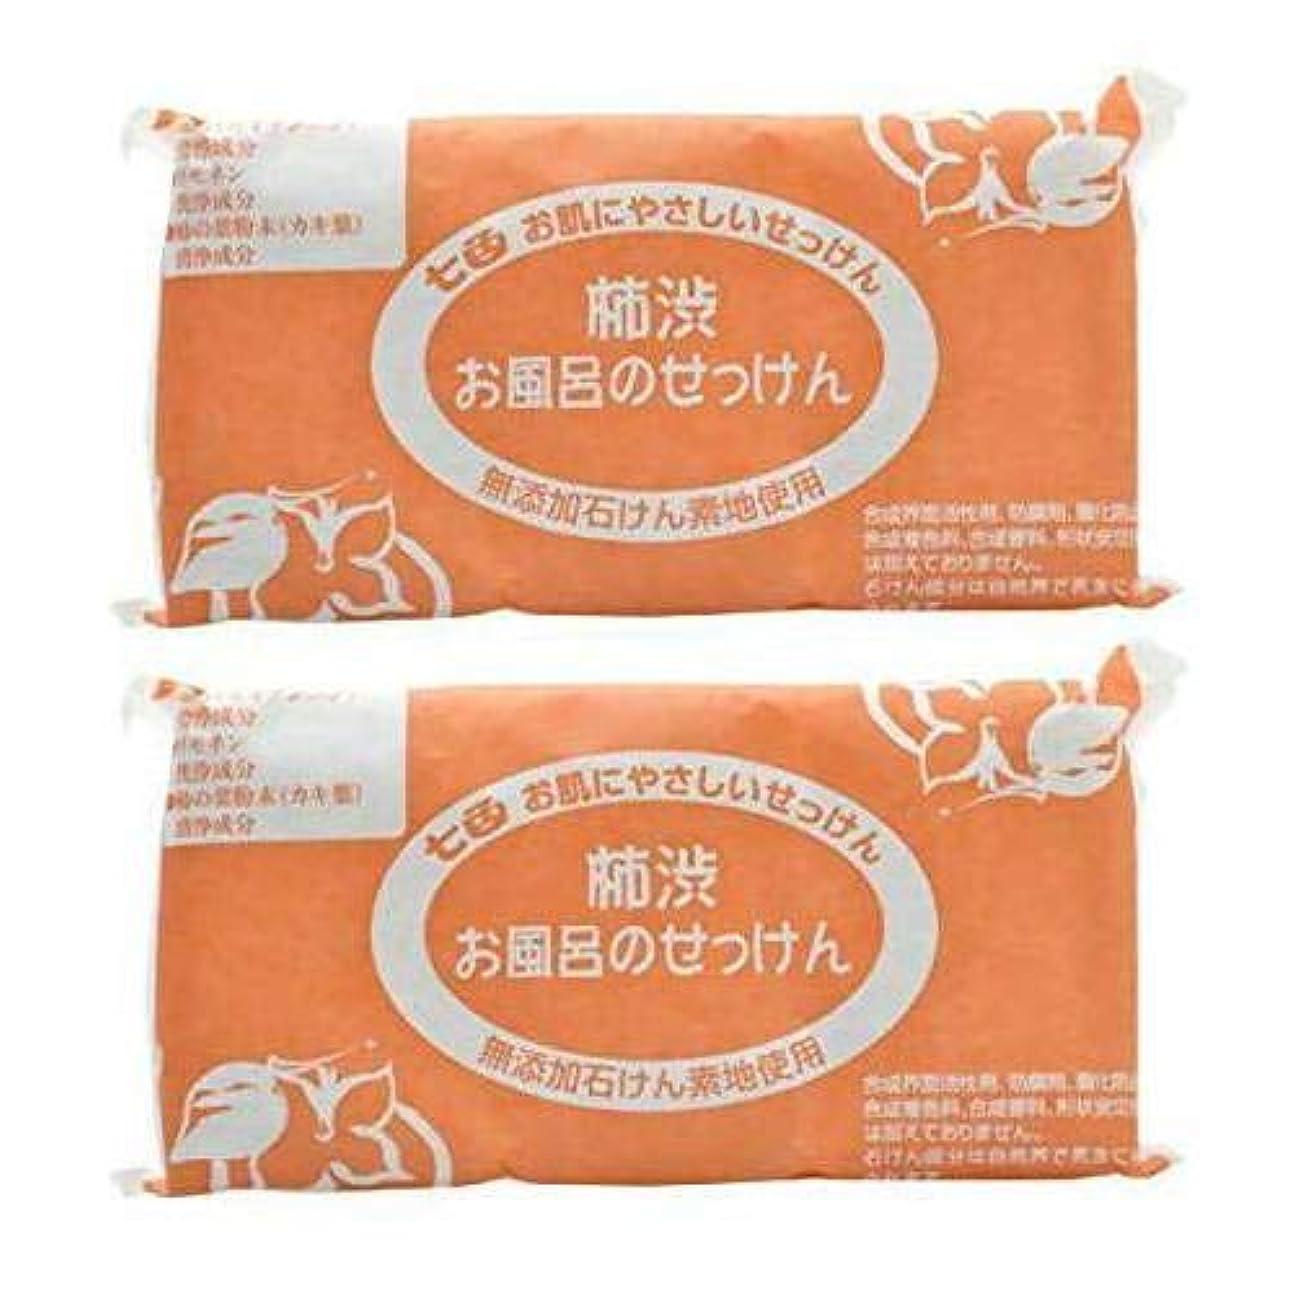 ラボいつも朝食を食べる七色 お風呂のせっけん 柿渋(無添加石鹸) 100g×3個入×2セット